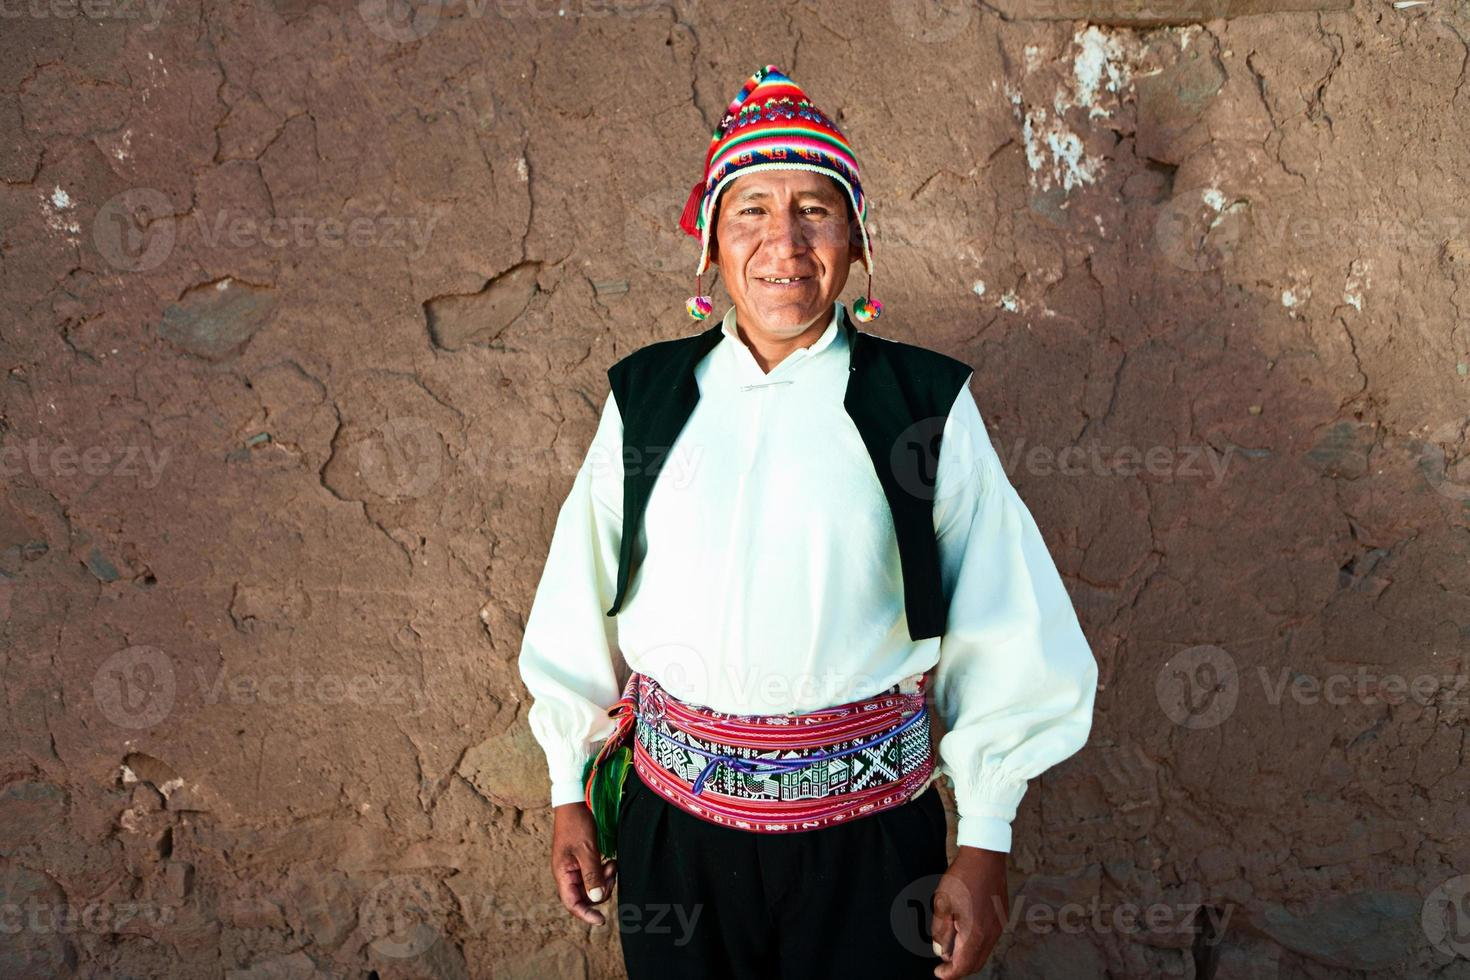 Mann in Tracht auf Taquile Island, Peru foto